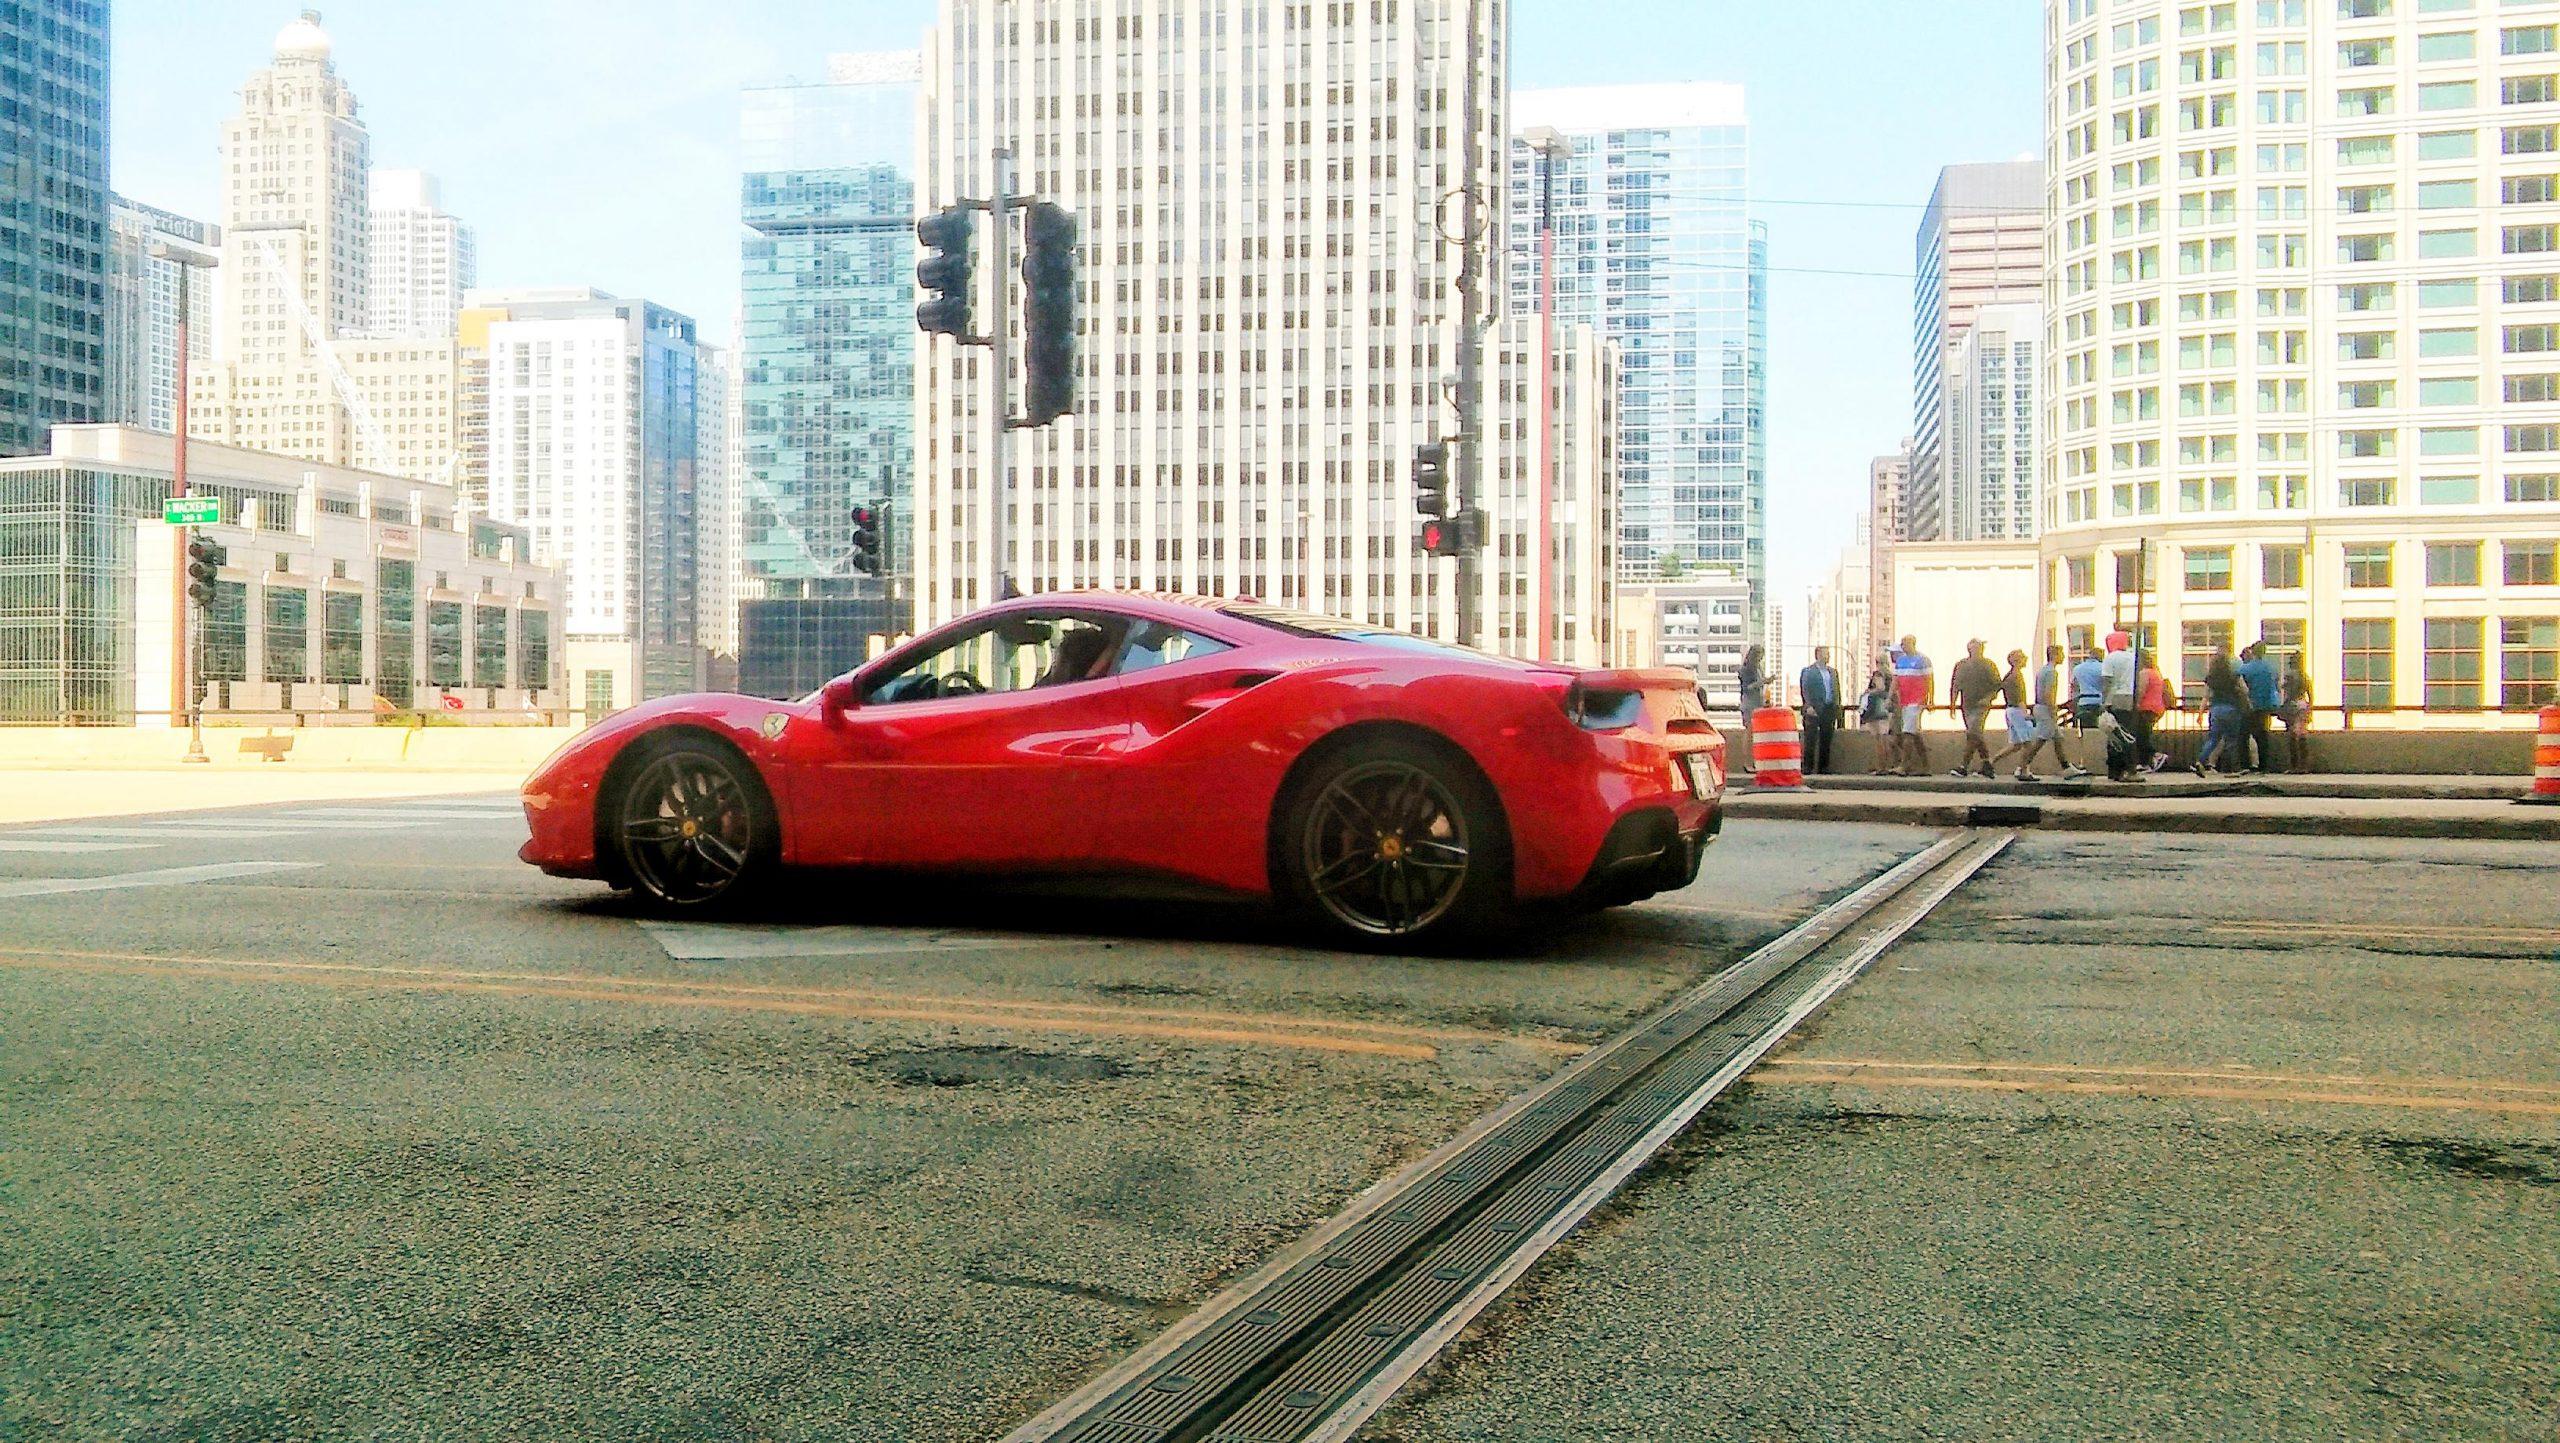 Red Ferrari 488 in Chicago, Illinois